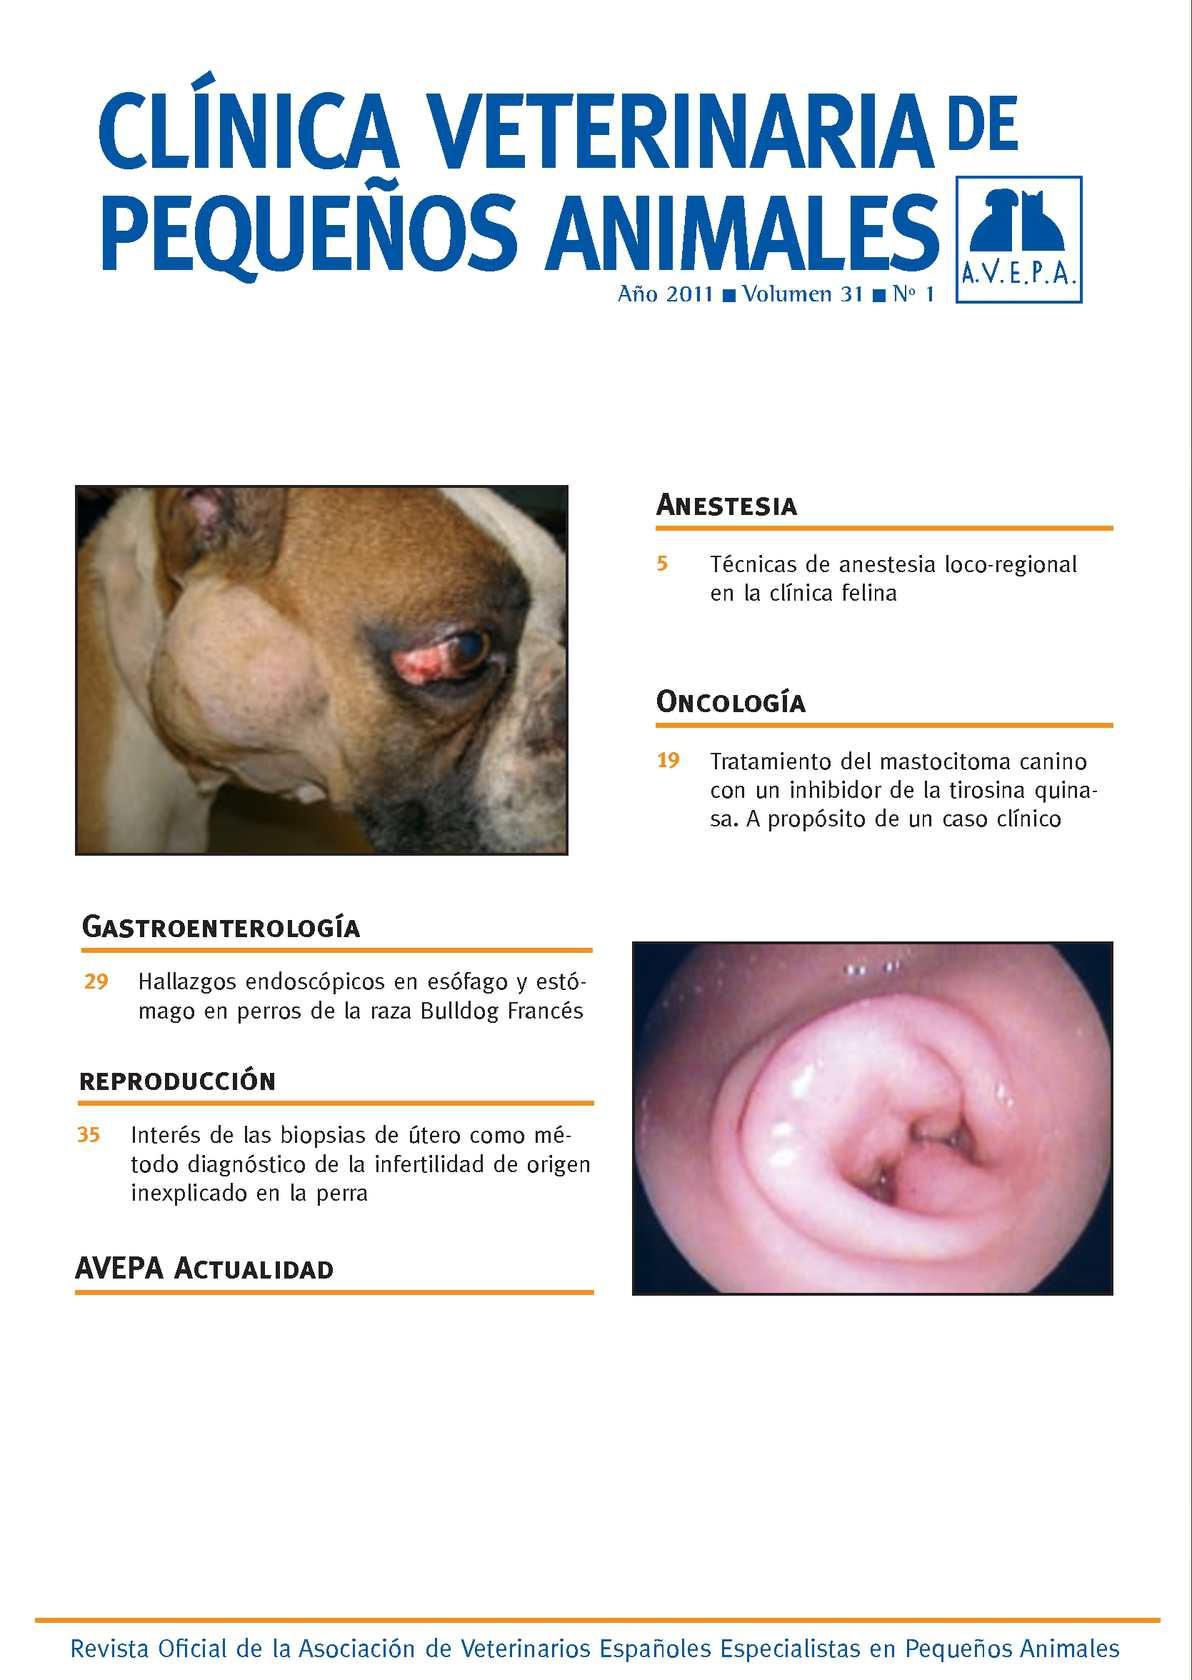 Calaméo - Clinica veterinaria de pequeños animales